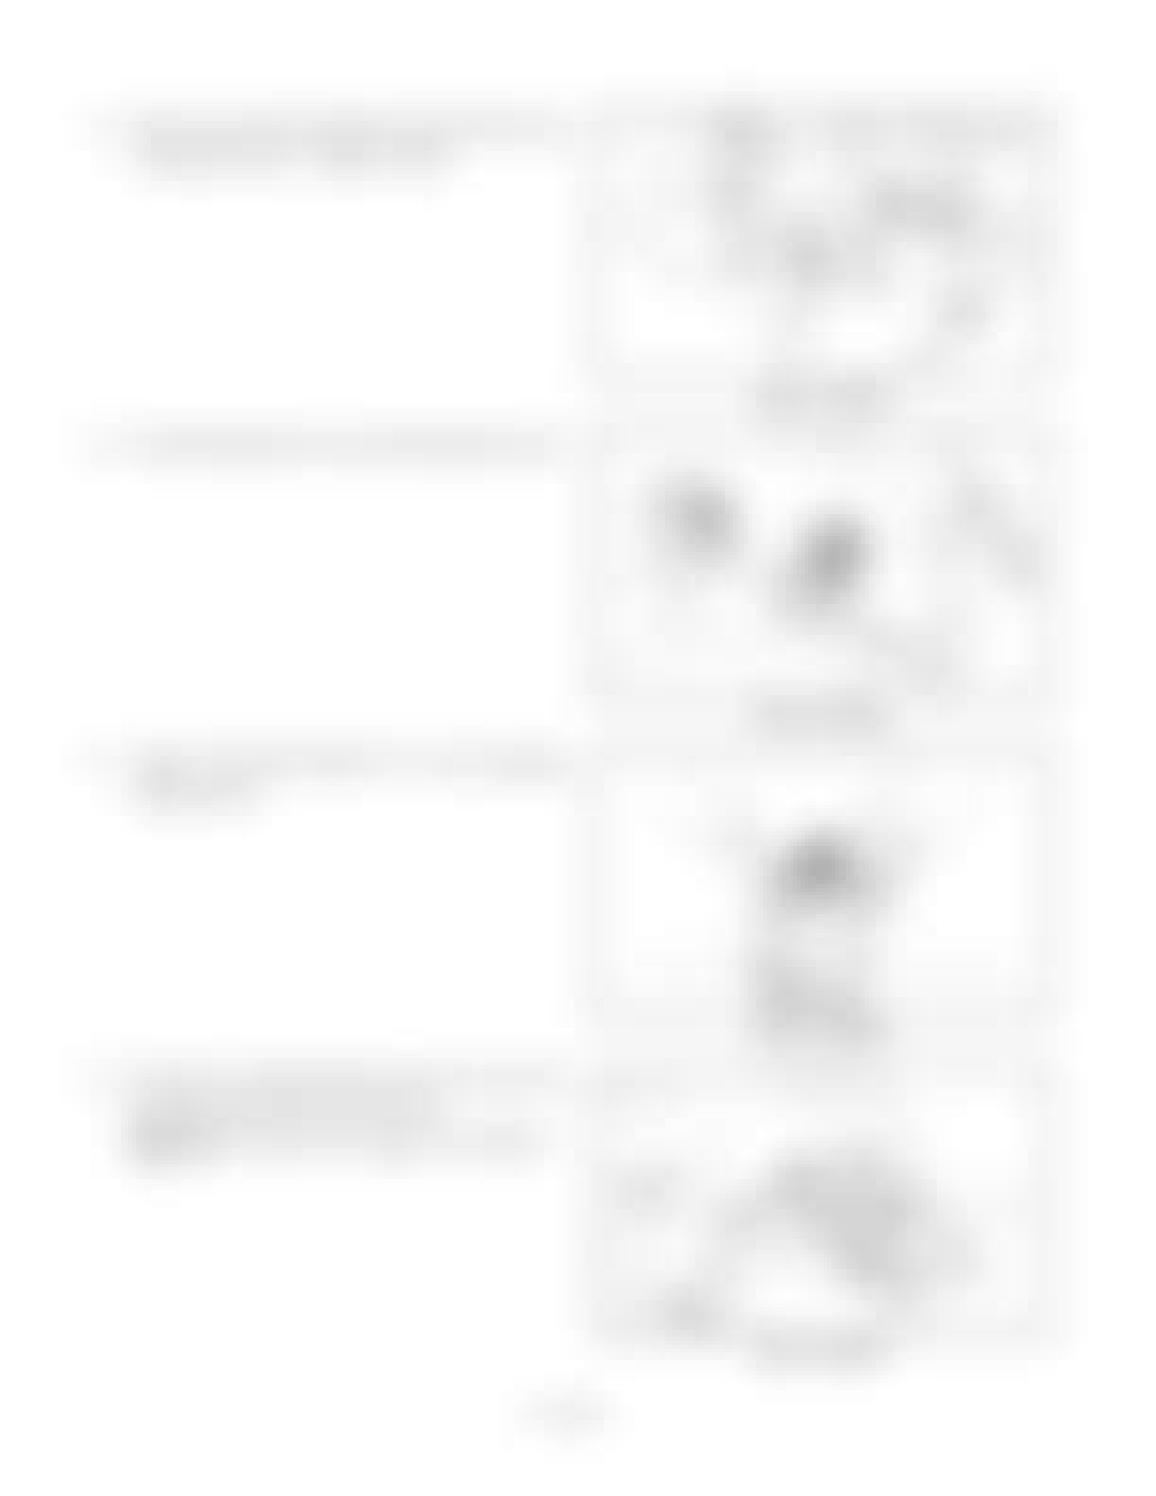 Hitachi LX110-7 LX130-7 LX160-7 LX190-7 LX230-7 Wheel Loader Workshop Manual - PDF DOWNLOAD page 84